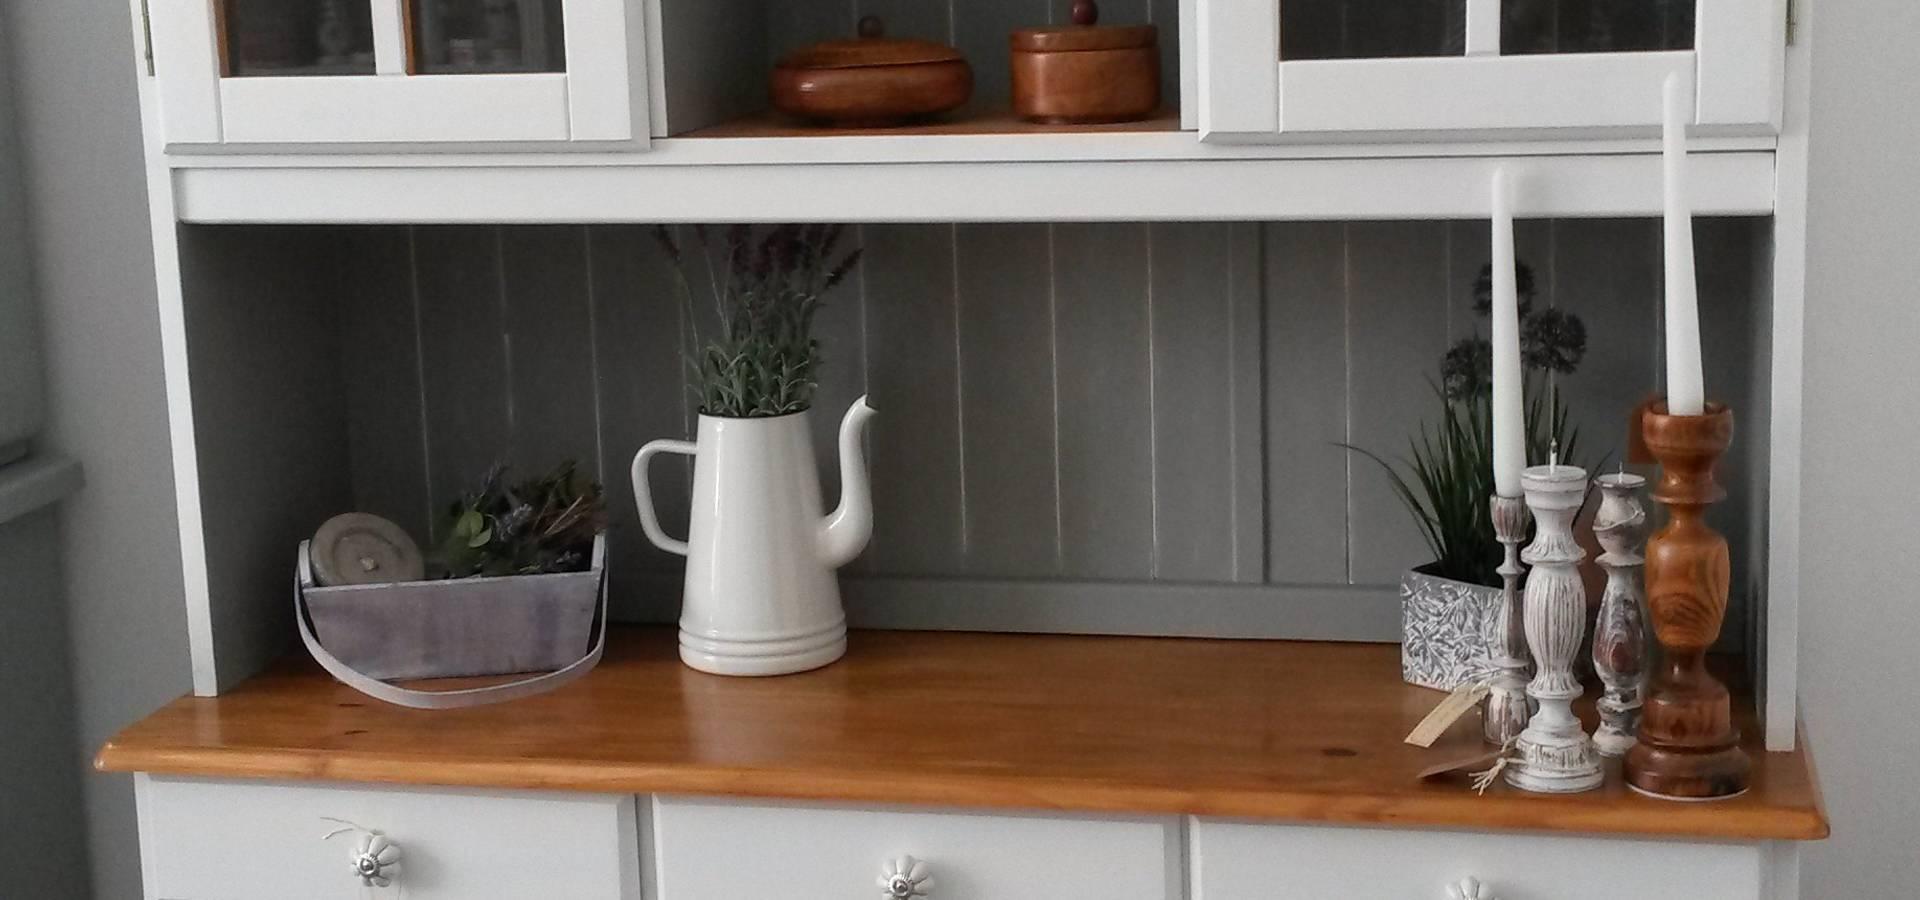 gew rzregal mit keramiksch tten von m bel sucht farbe homify. Black Bedroom Furniture Sets. Home Design Ideas